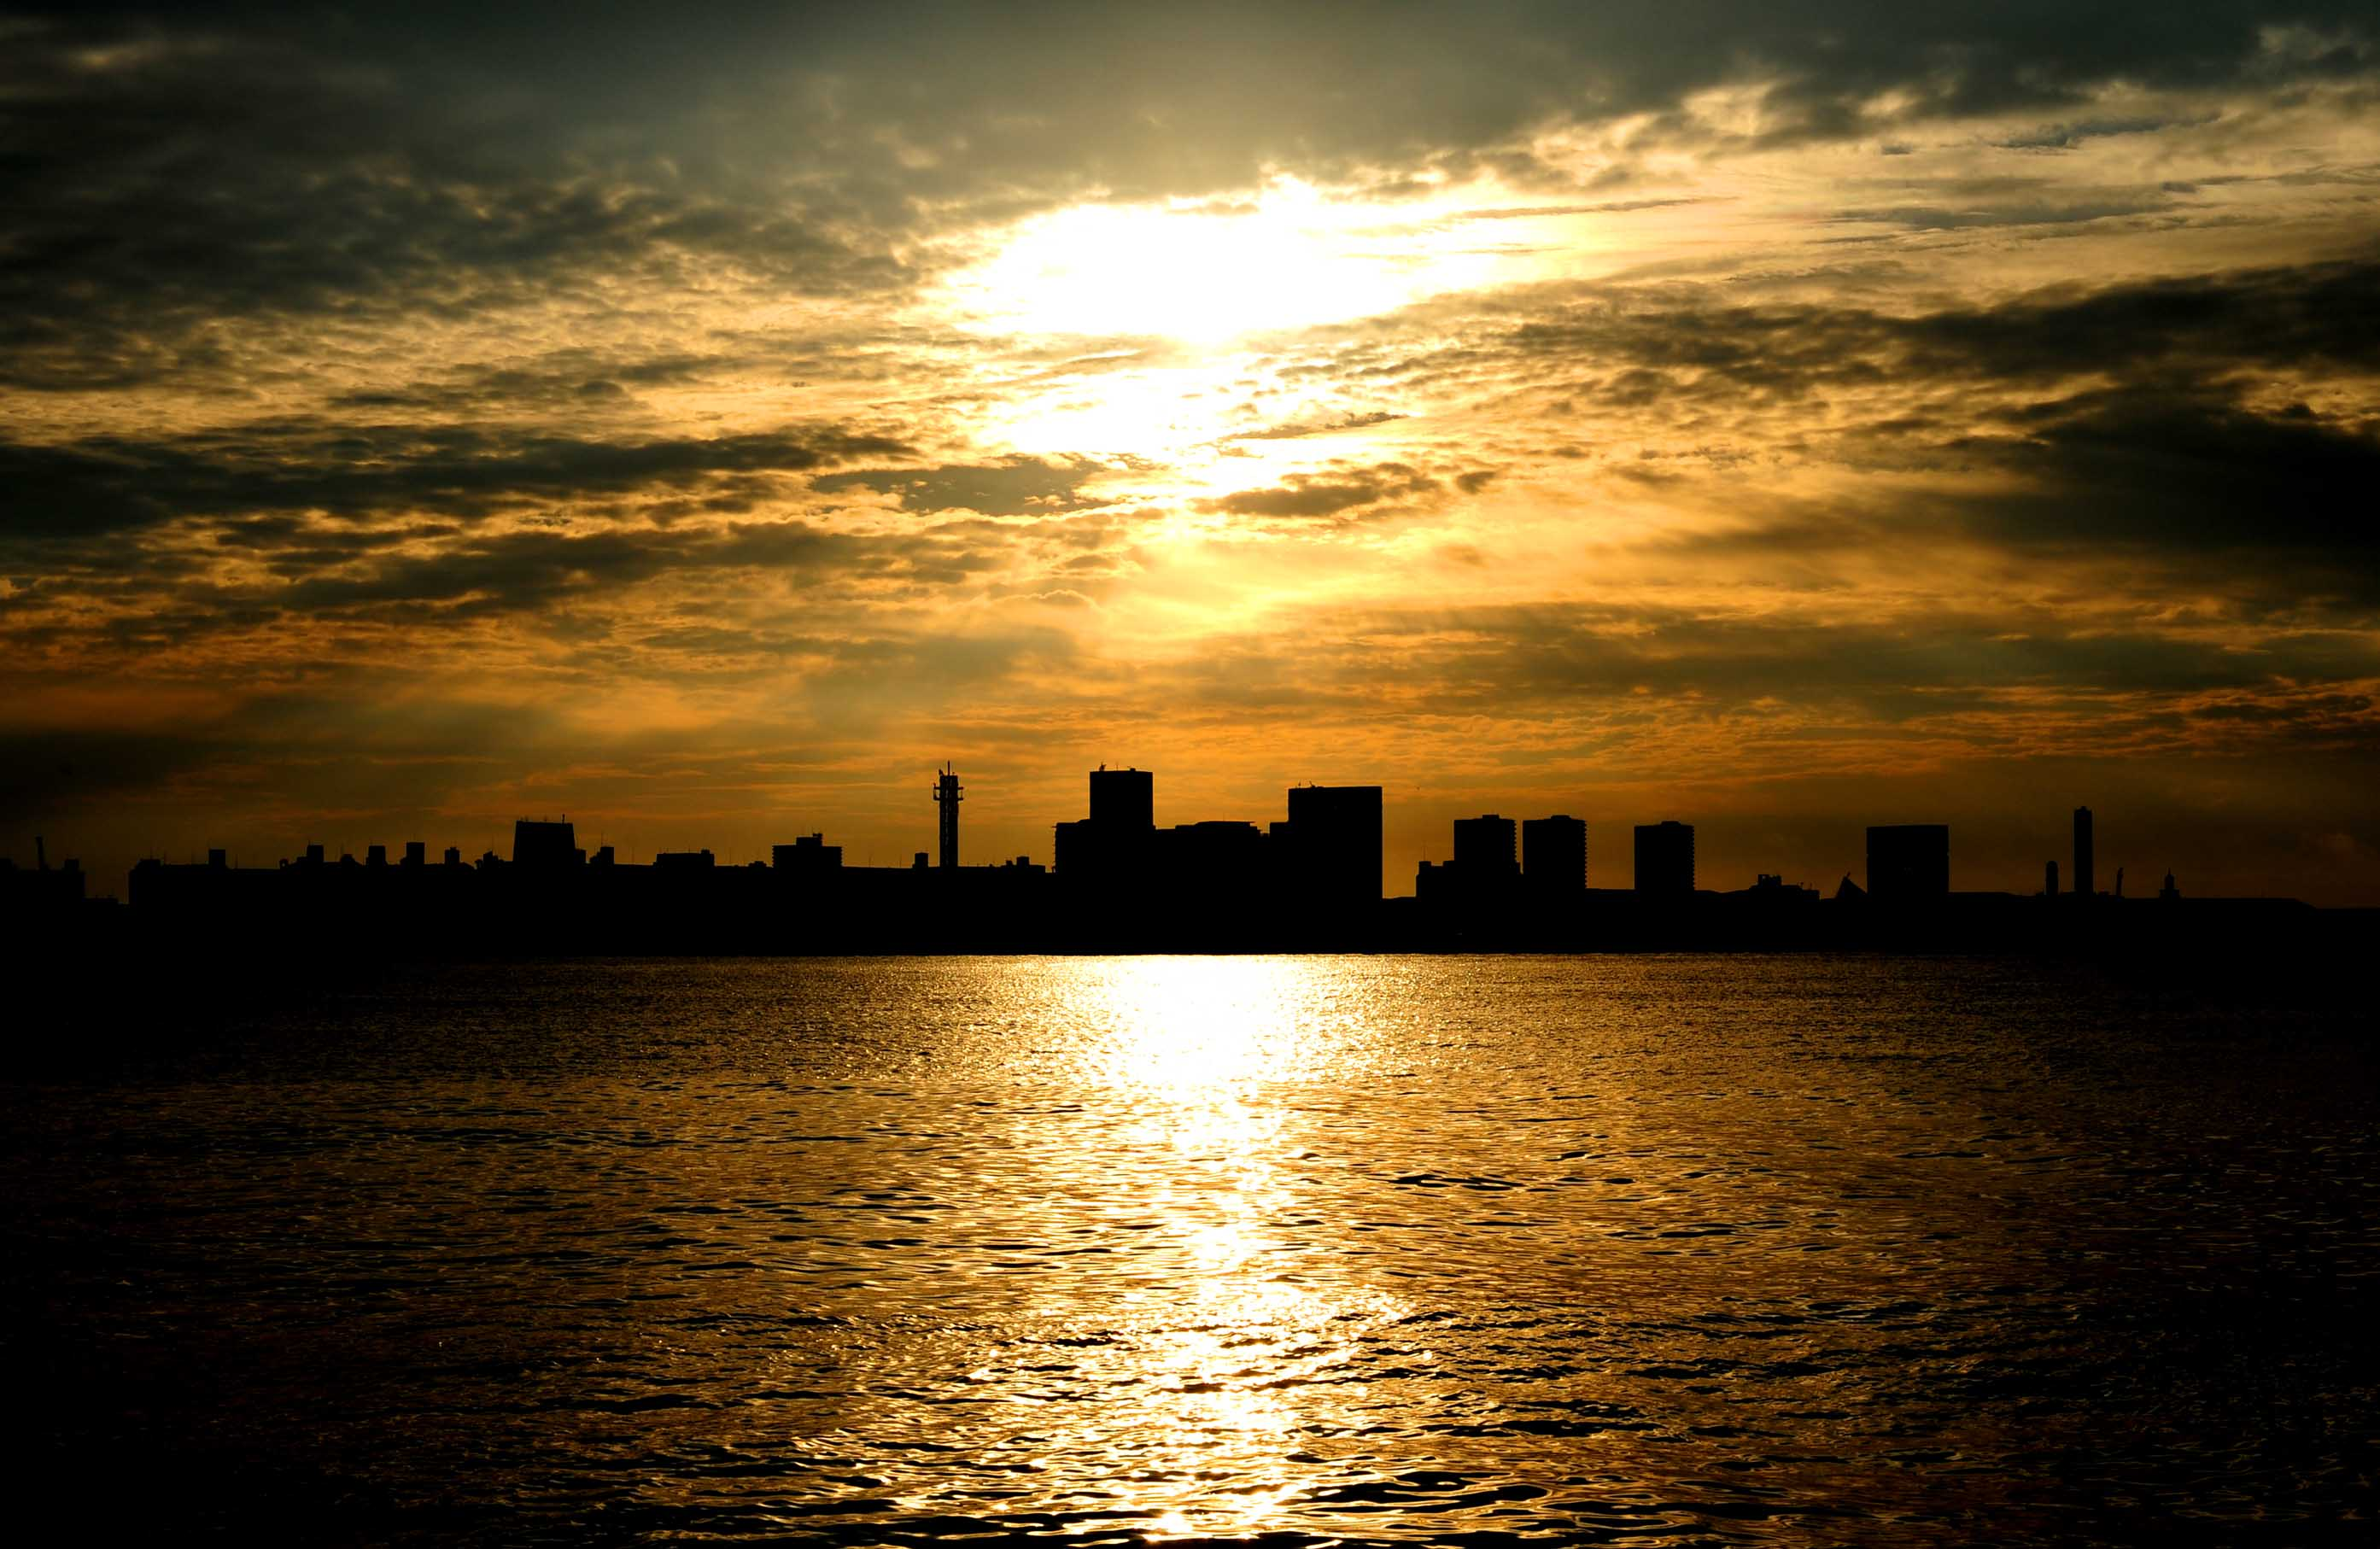 朝の景色って、、、_e0157647_7182233.jpg